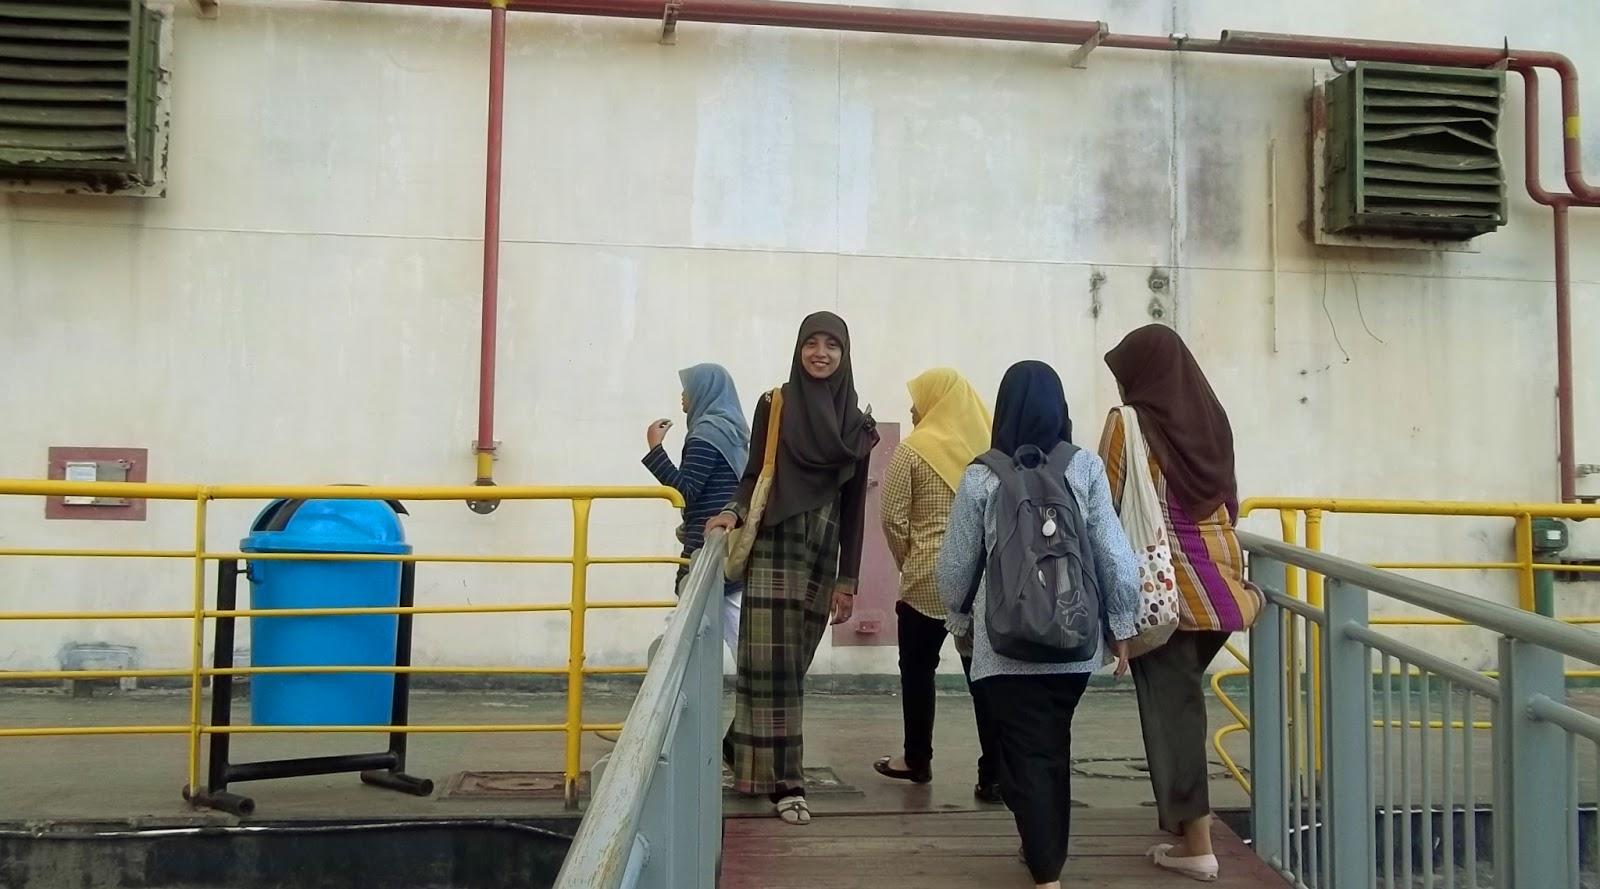 pltd kapal apung kapal pltd apung tsunami kapal pltd apung 1